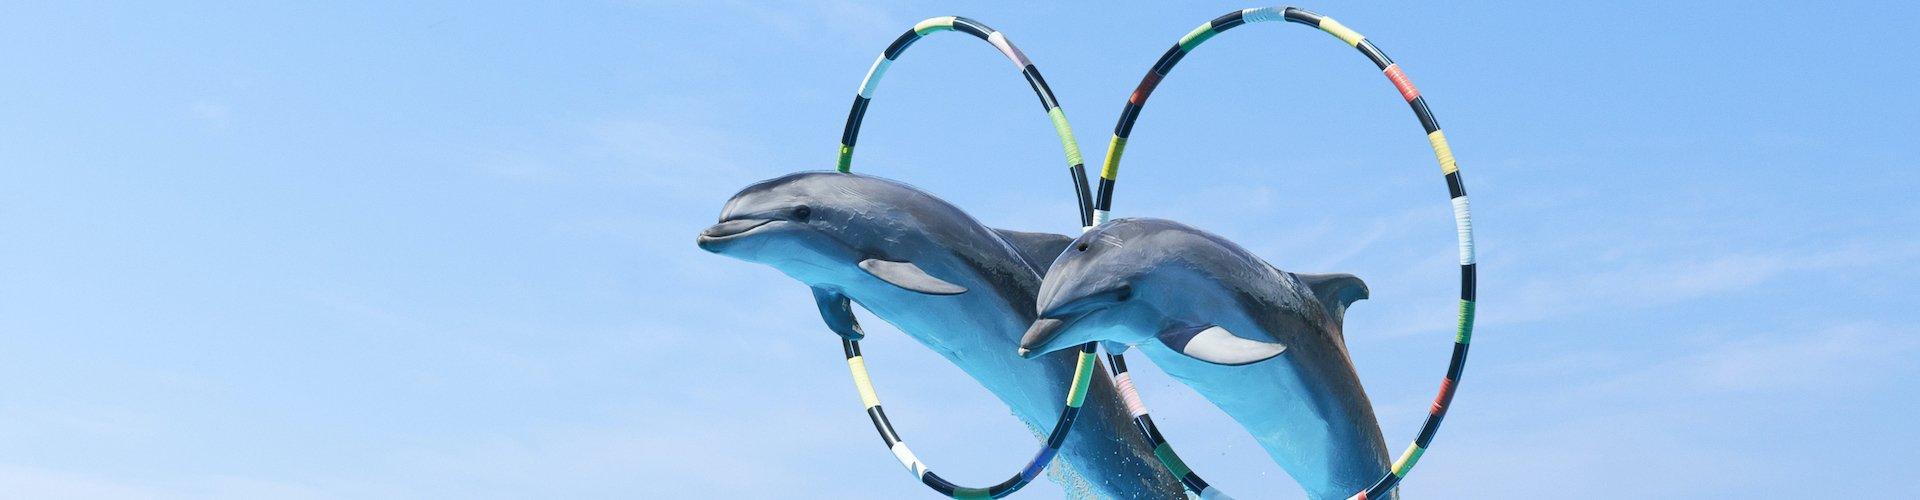 Ausflugsziel Delfinario de Cienfuegos